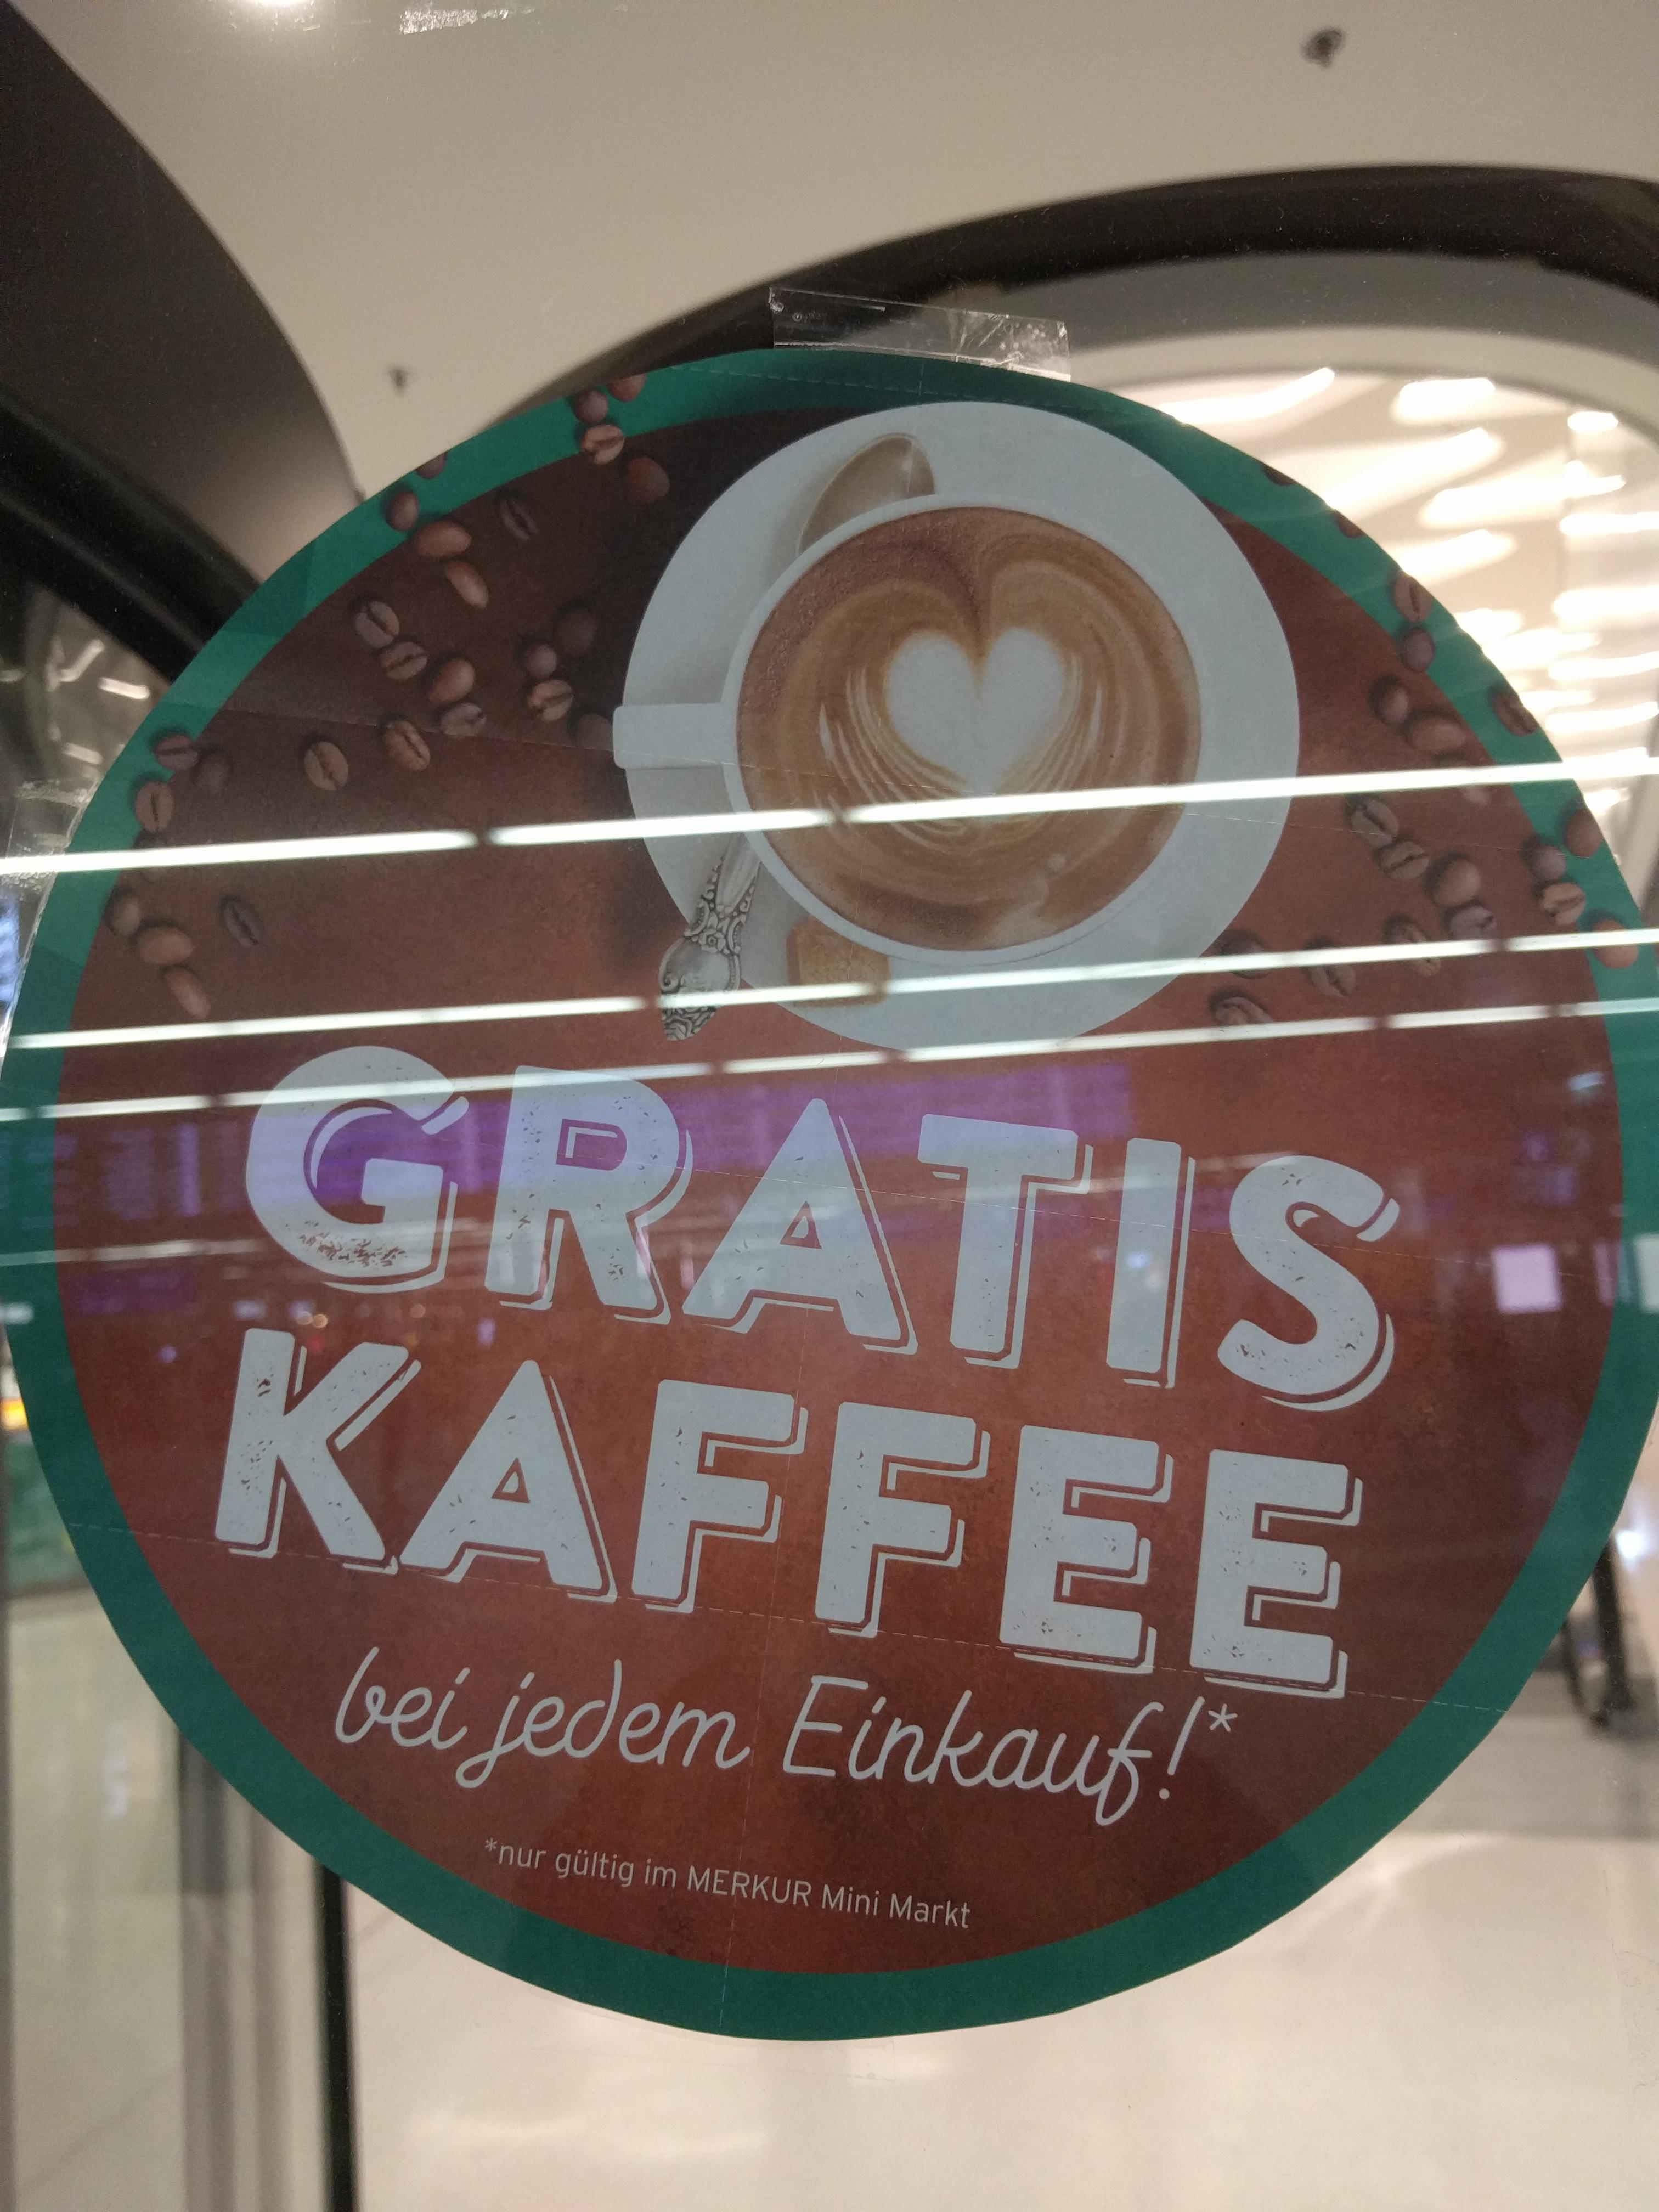 Gratis Kaffee zu jedem Einkauf bei Merkur Mini Markt Wien Hbf